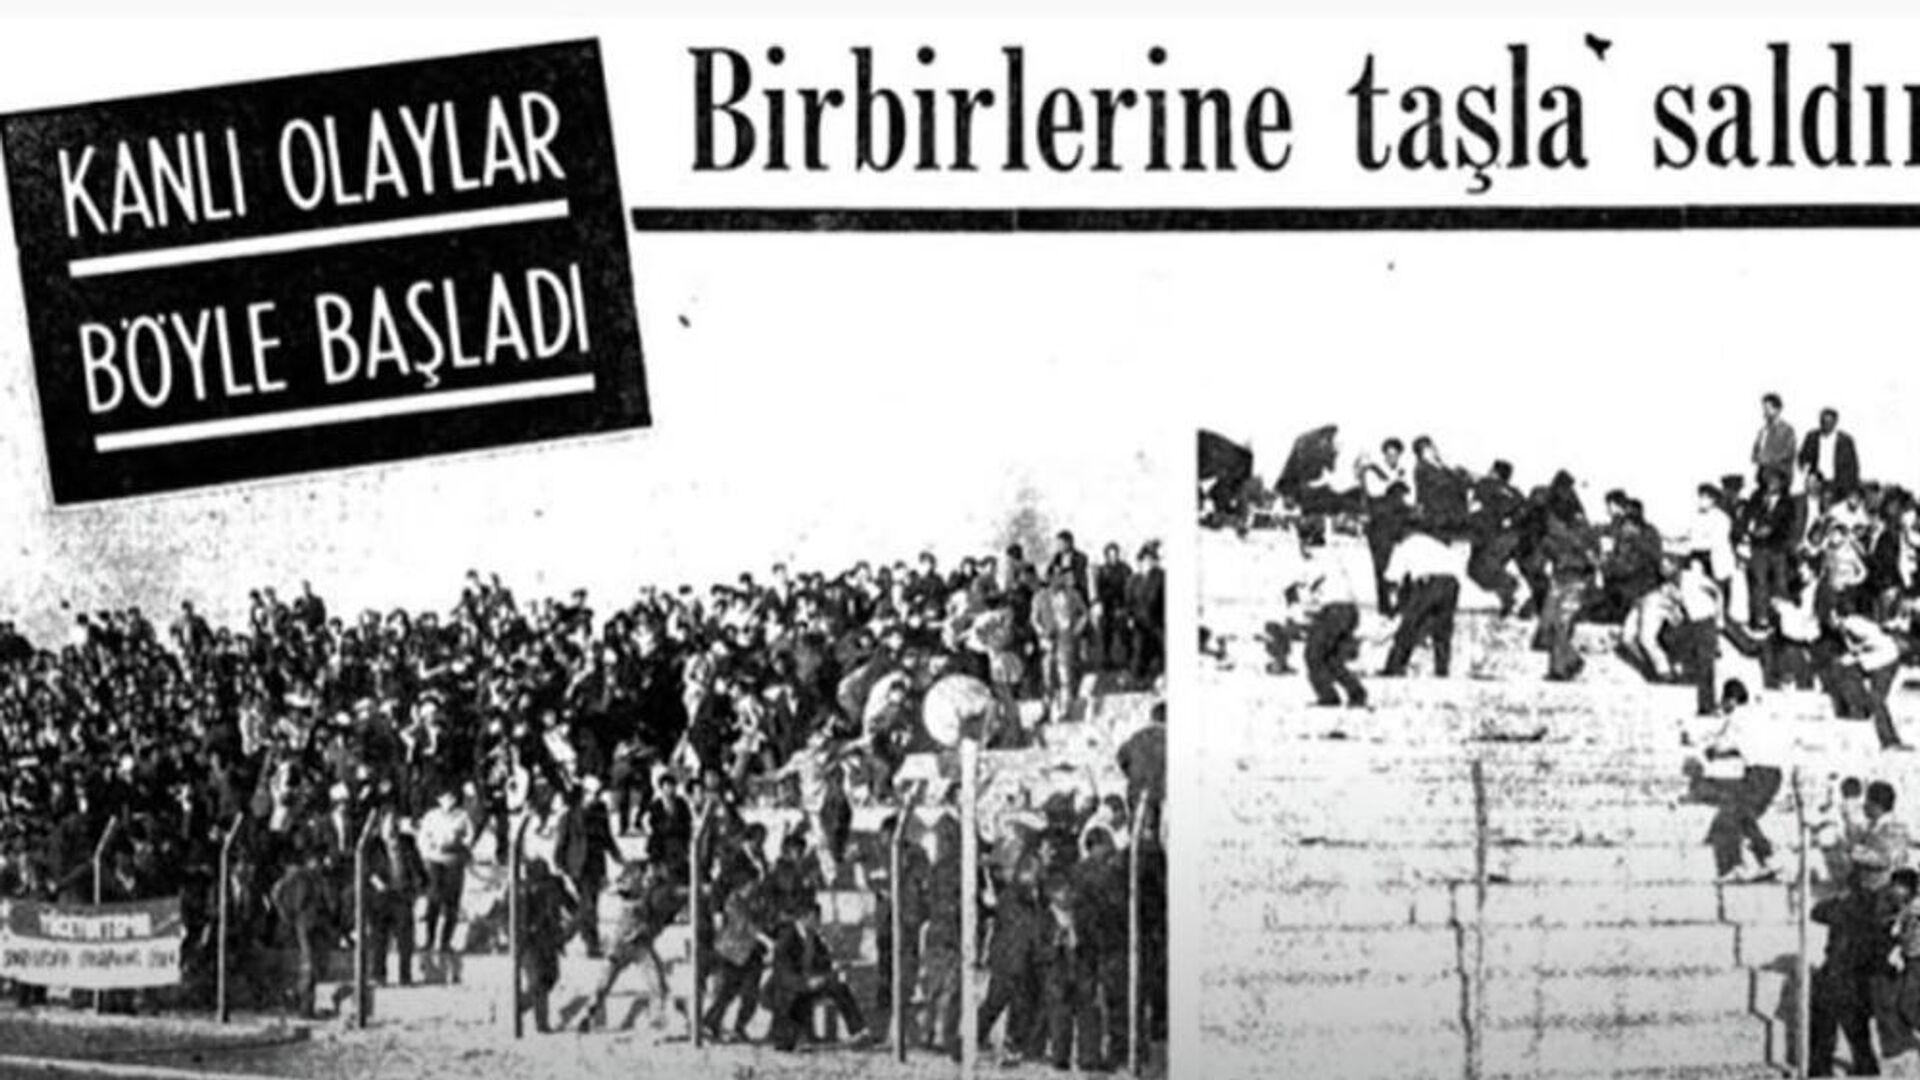 Δημοσιεύματα τουρκικού Τύπου για το Καϊσέρισπορ - Σίβασπορ - Sputnik Ελλάδα, 1920, 17.09.2021